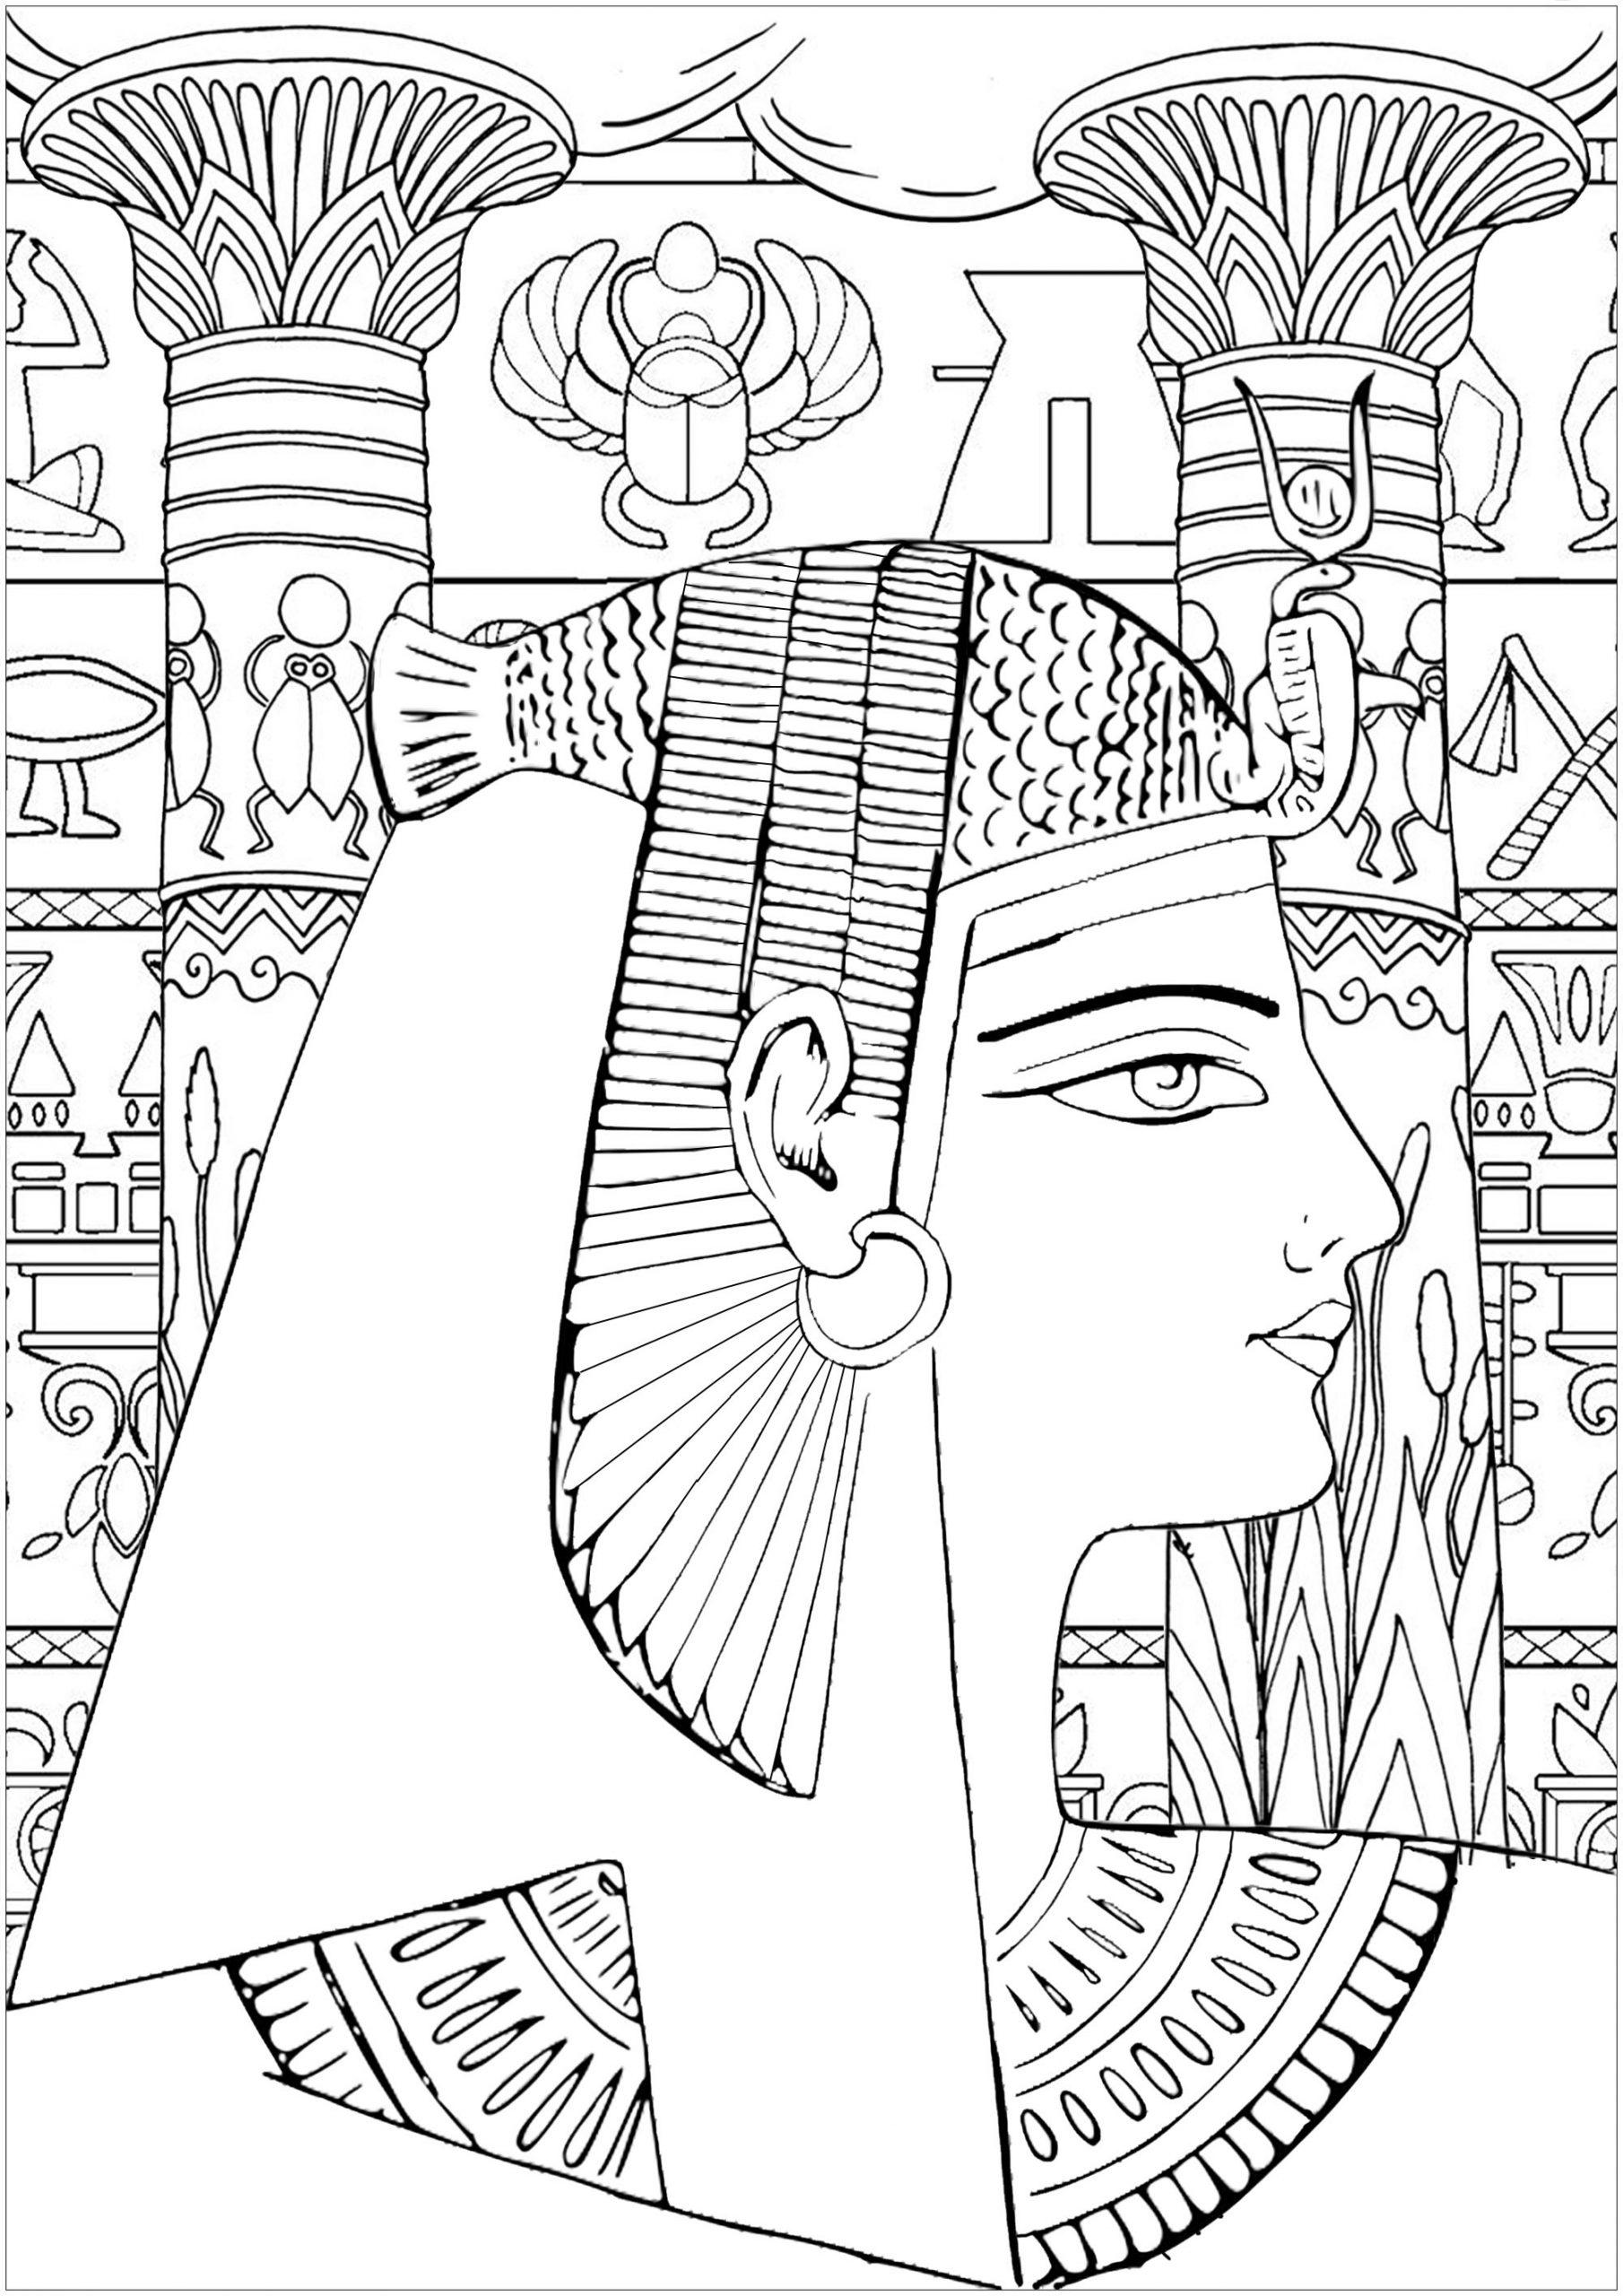 Agypten Und Hieroglyphen 6760 - Ägypten Und Hieroglyphen verwandt mit Ausmalbilder Ägypten